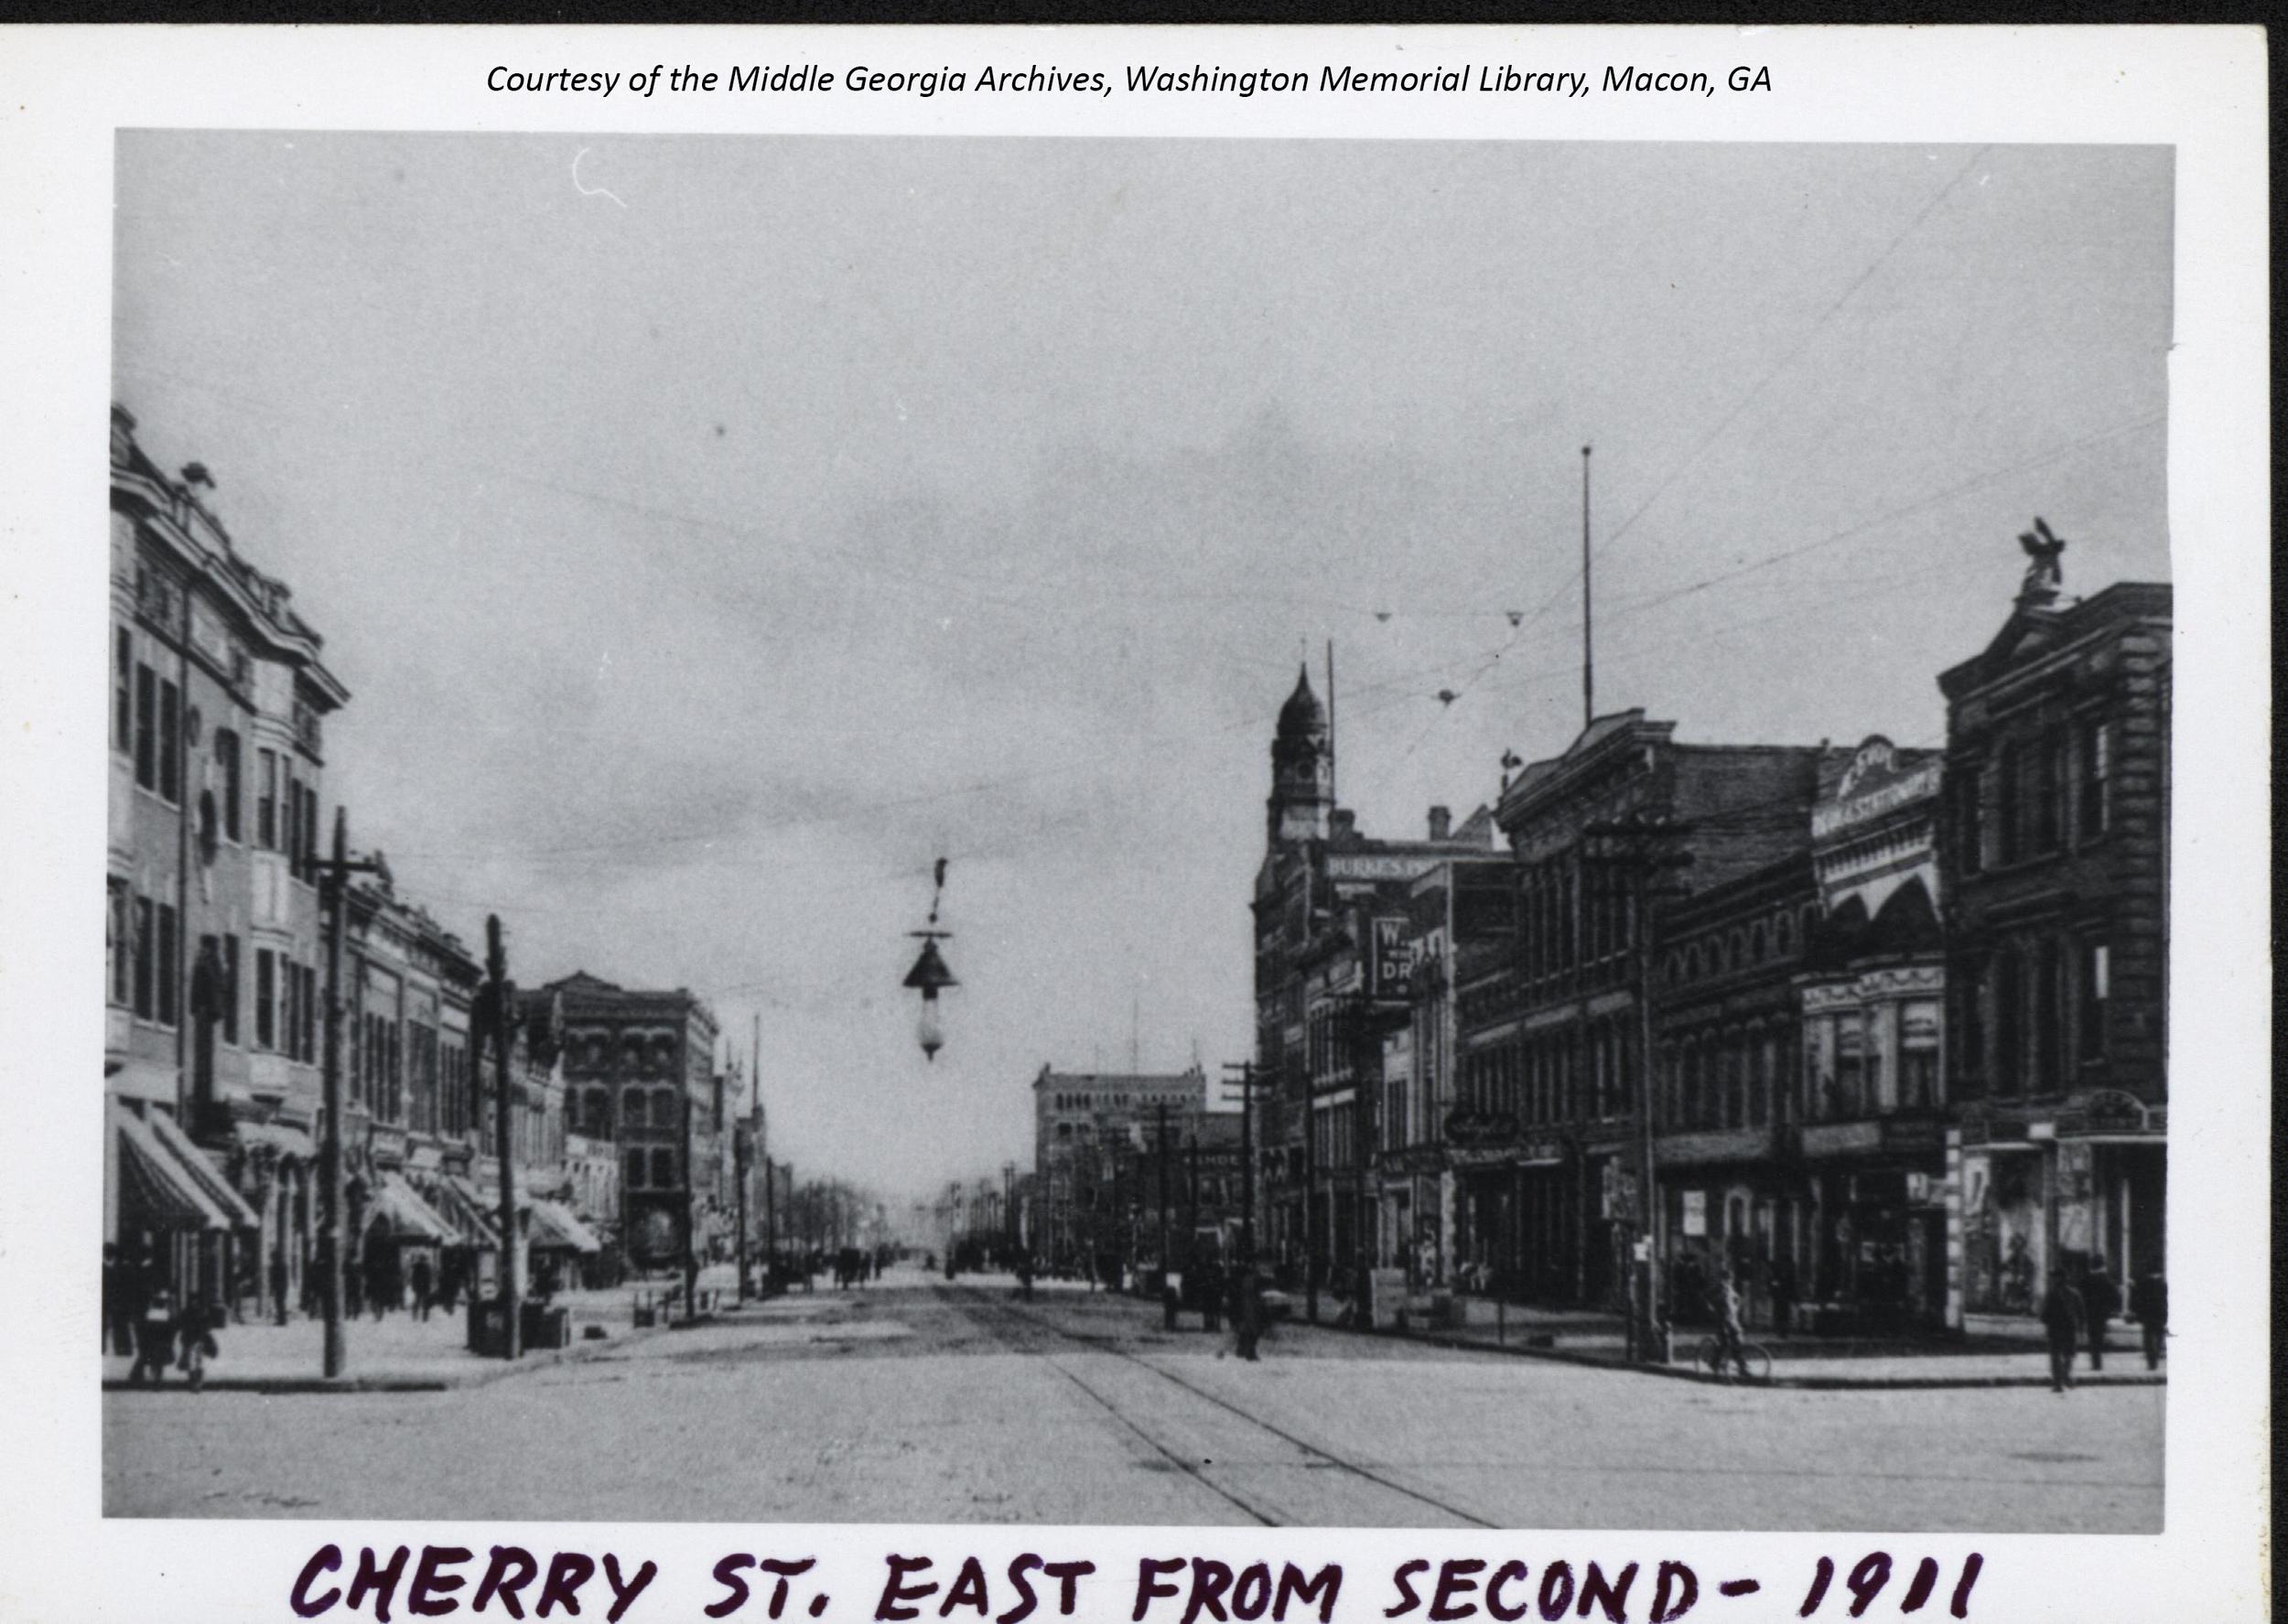 Macon's Cherry Street 1911